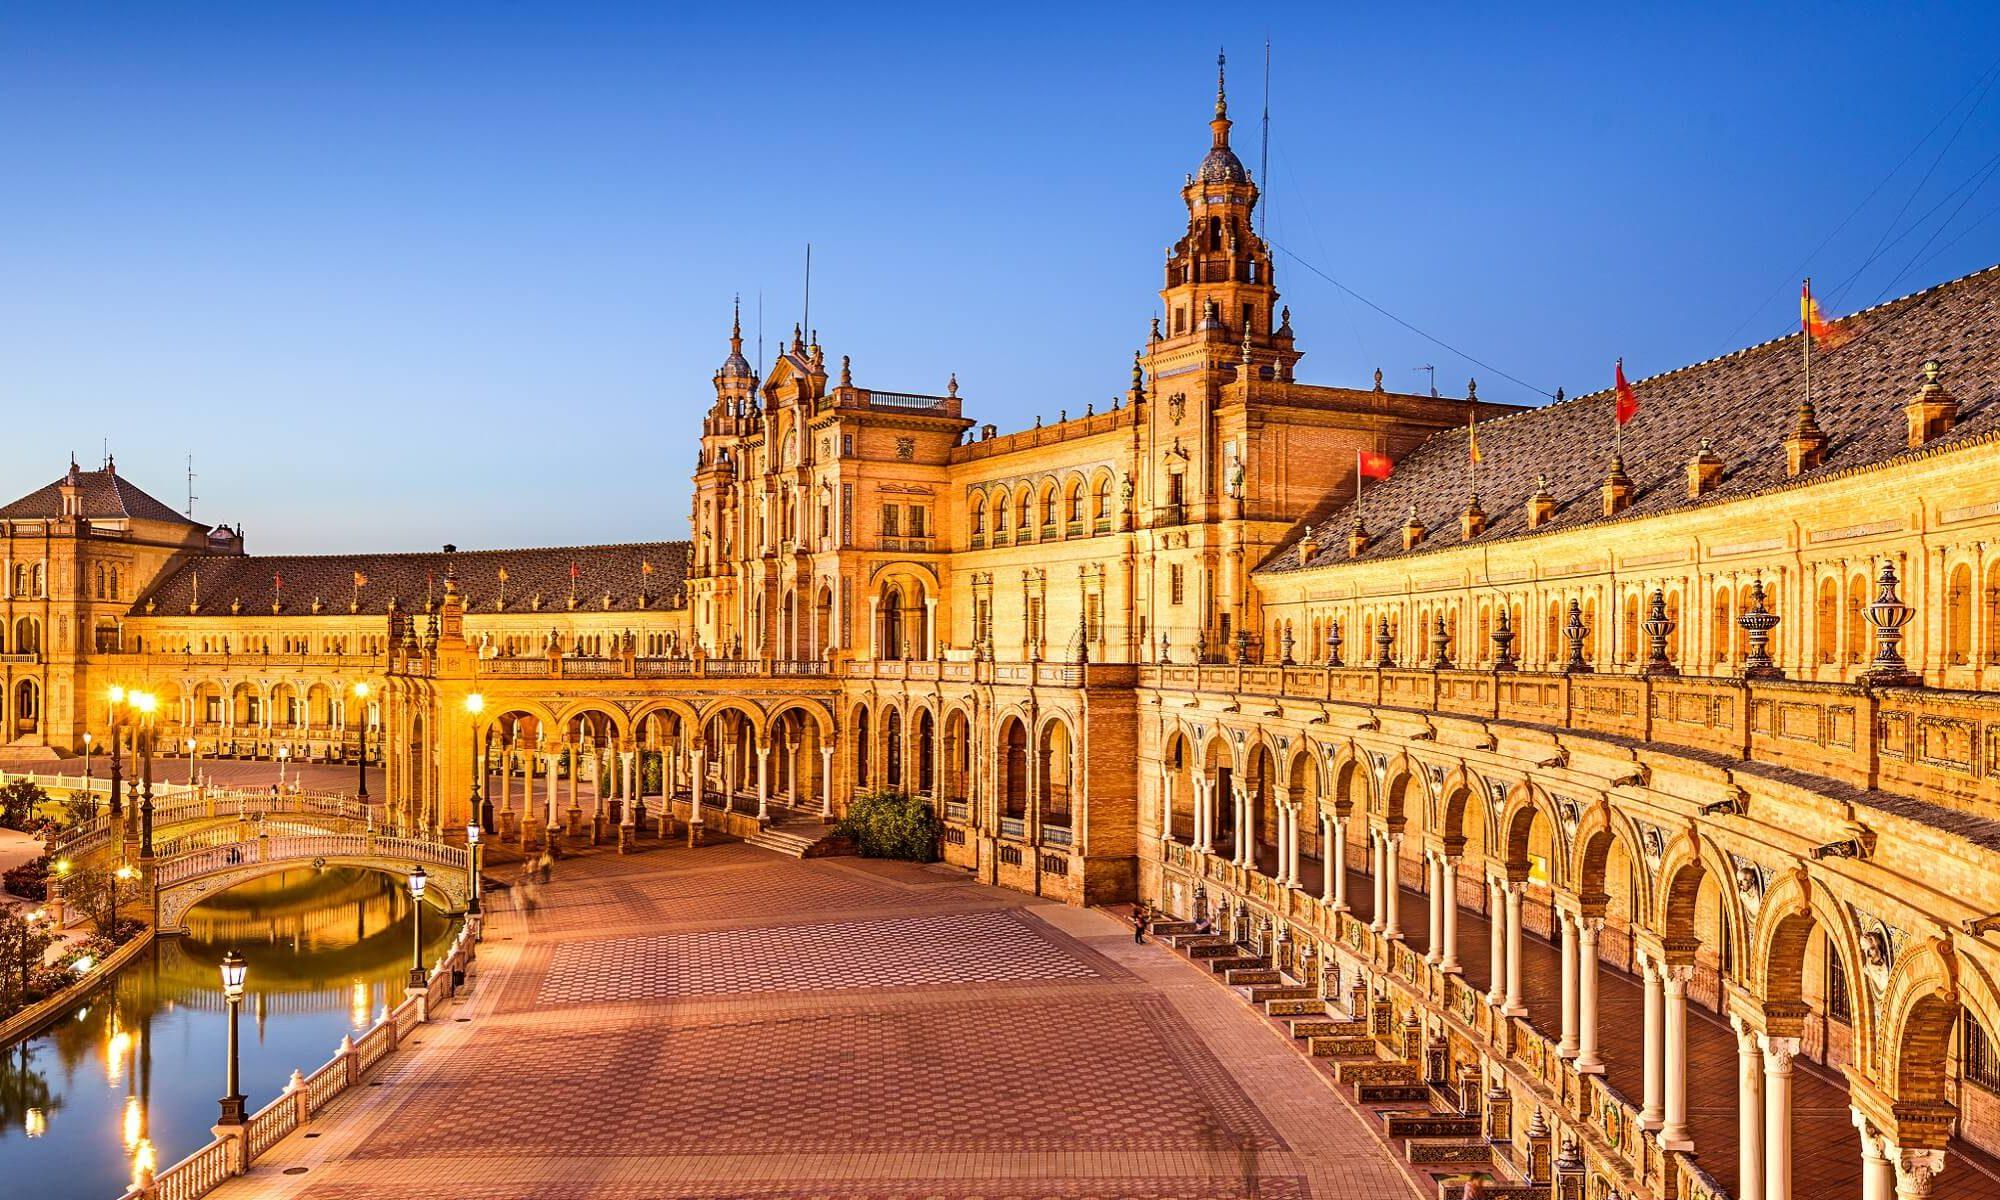 Plaze Espana in Sevilla in abendlicher Beleuchtung